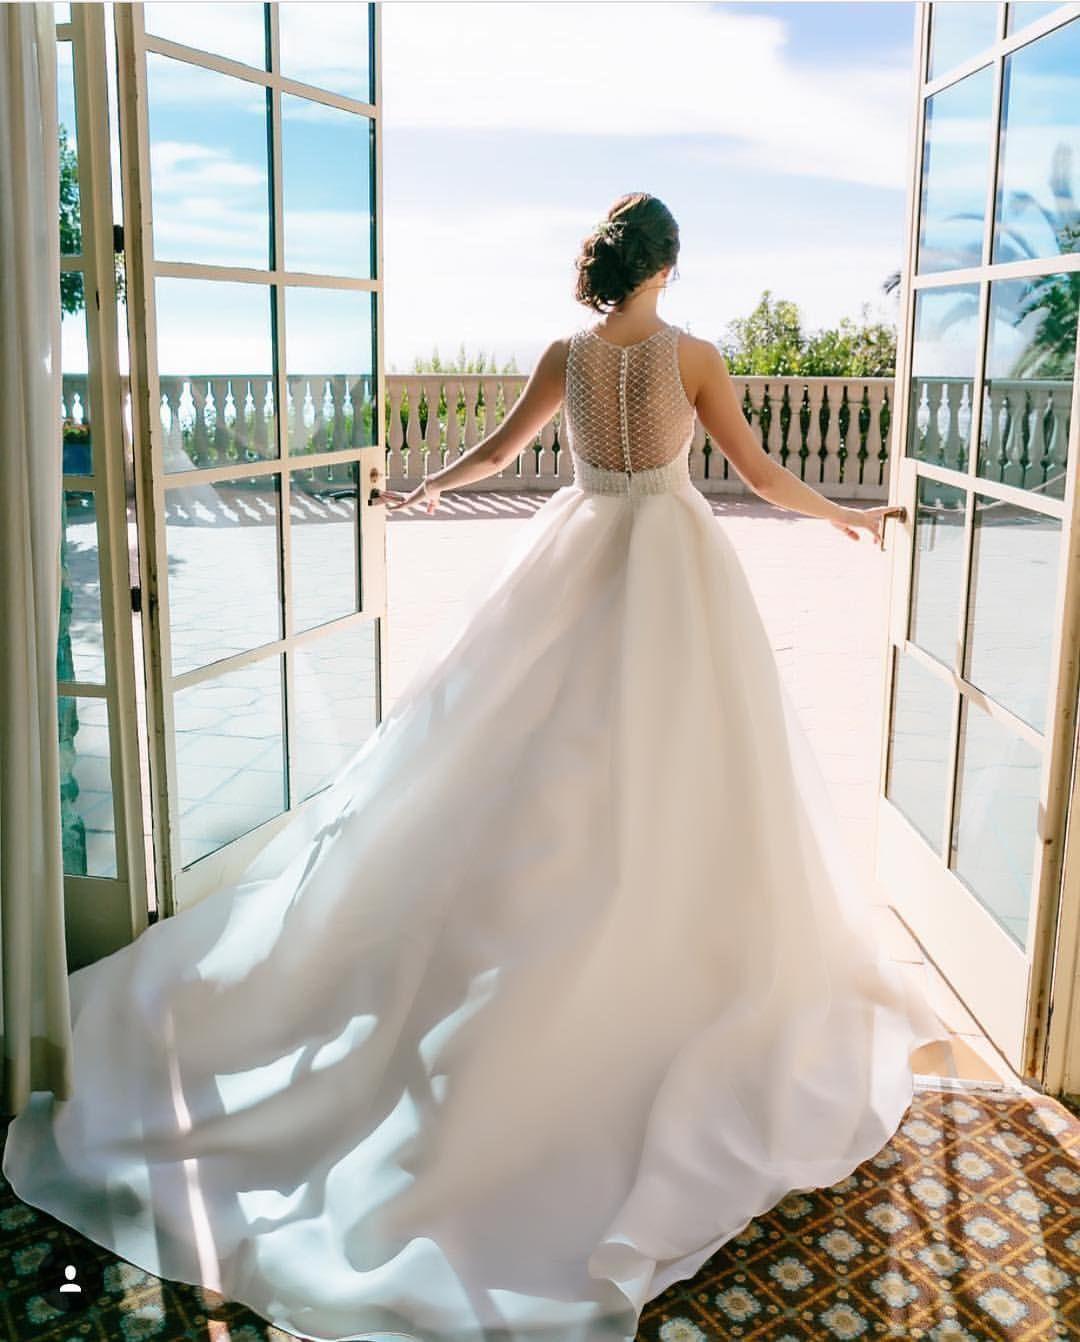 Bride Getting Ready Bel air bay club, Wedding